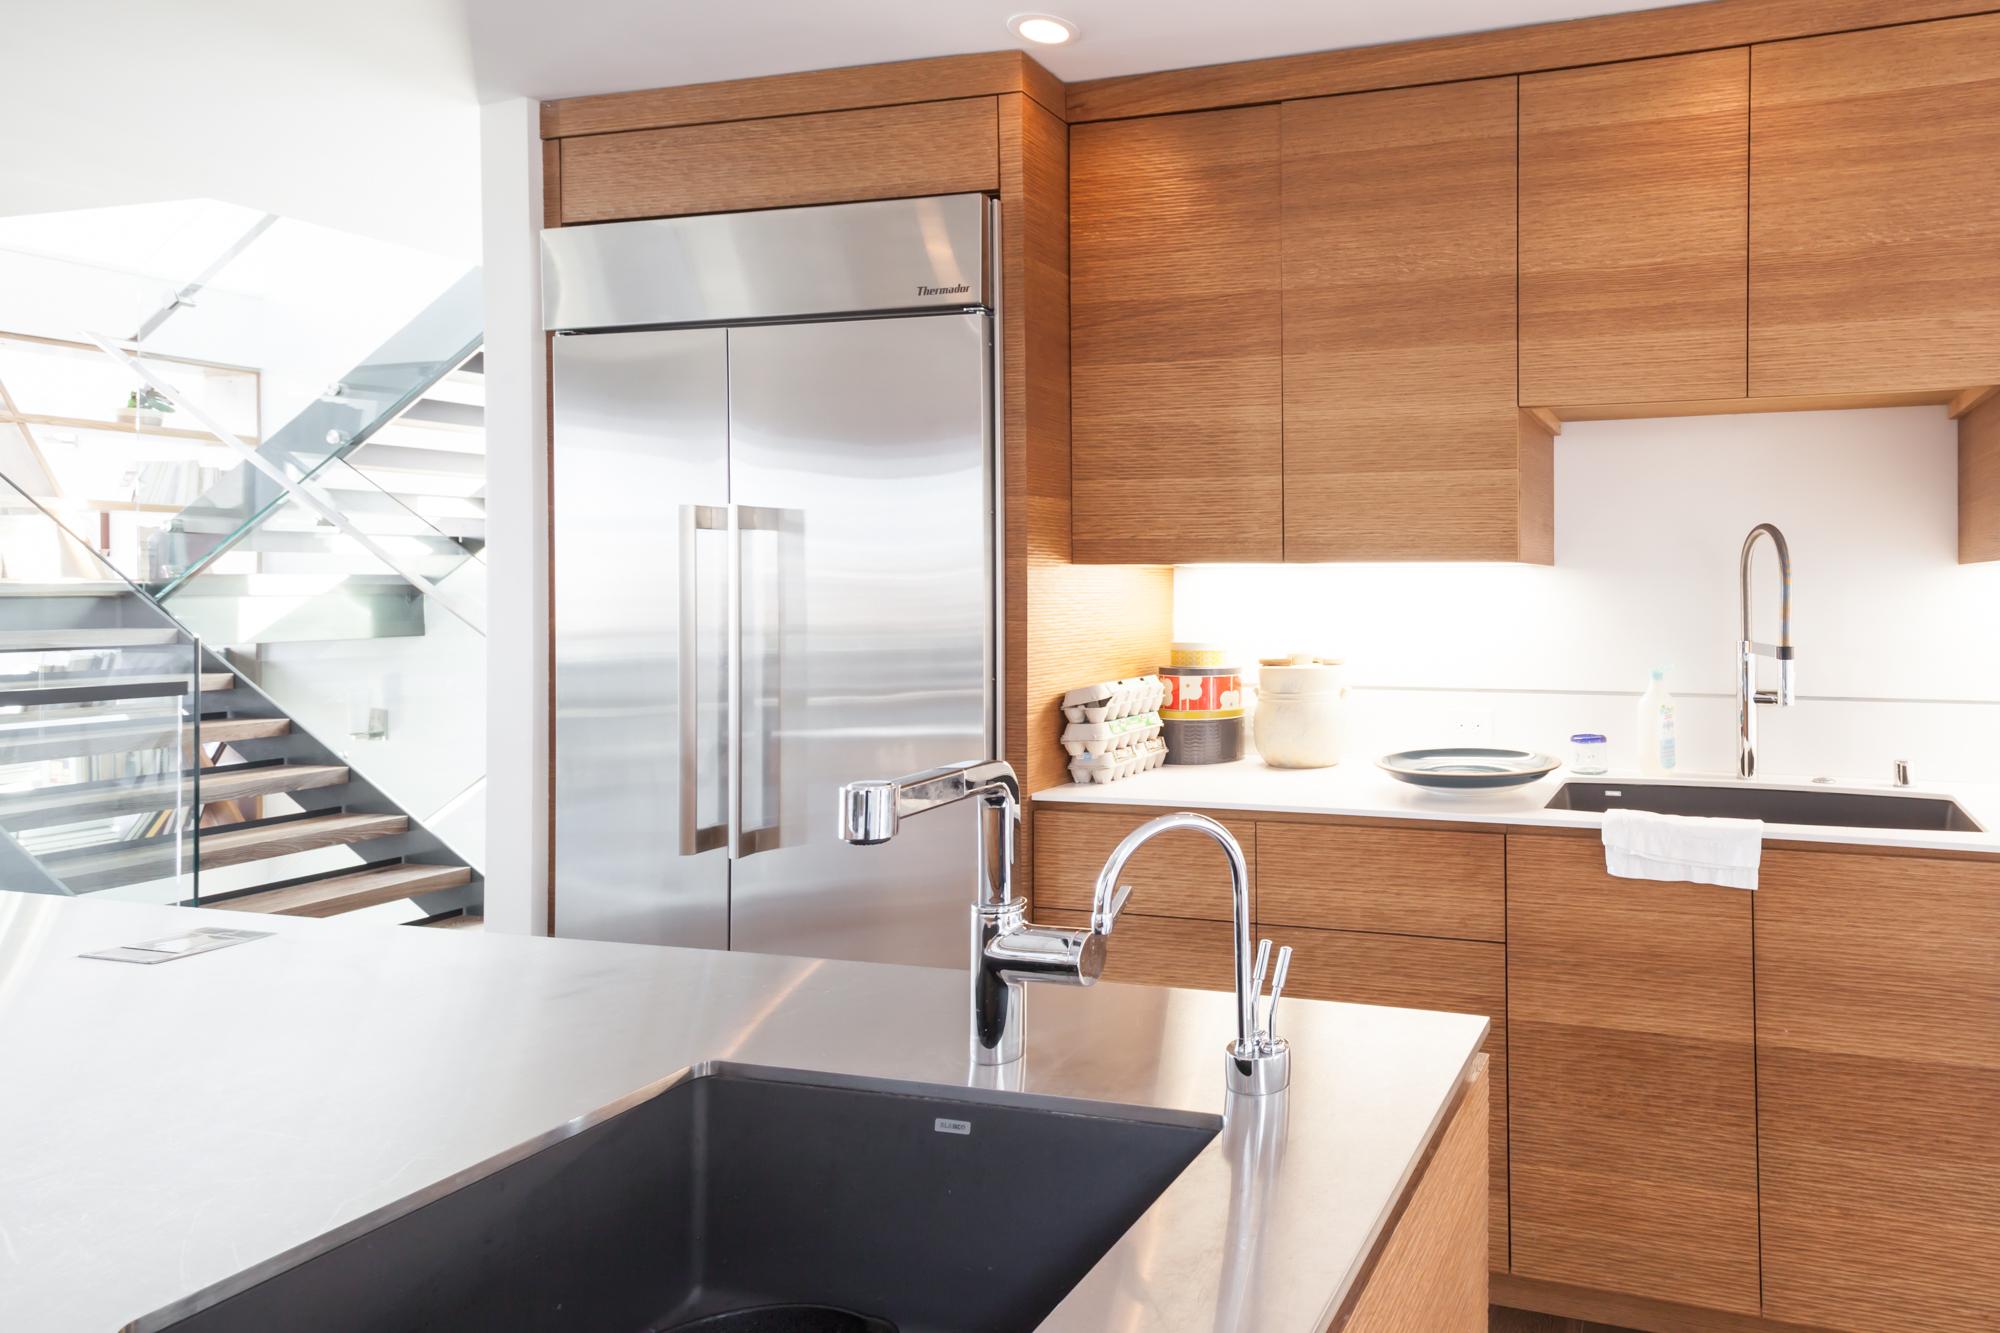 Two Sinks Is A Luxury That Prueitt Loves.